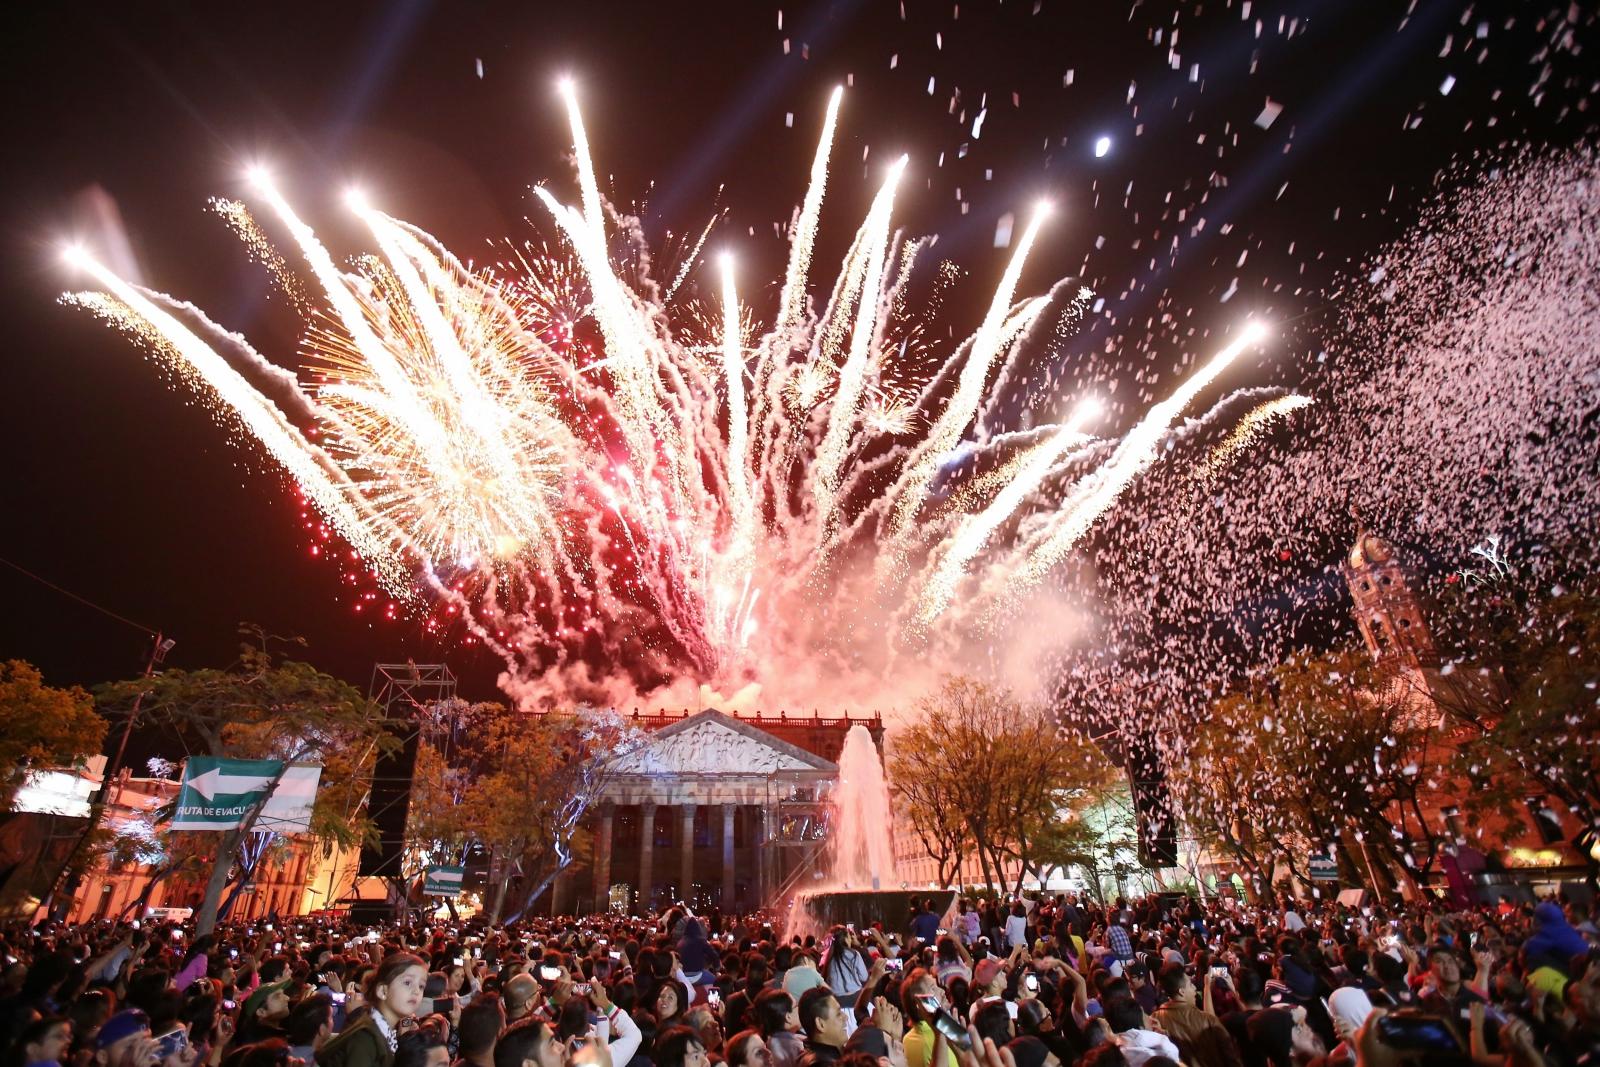 Obchody 475 rocznicy ufundowania miasta Guadalajara, Meksyk.